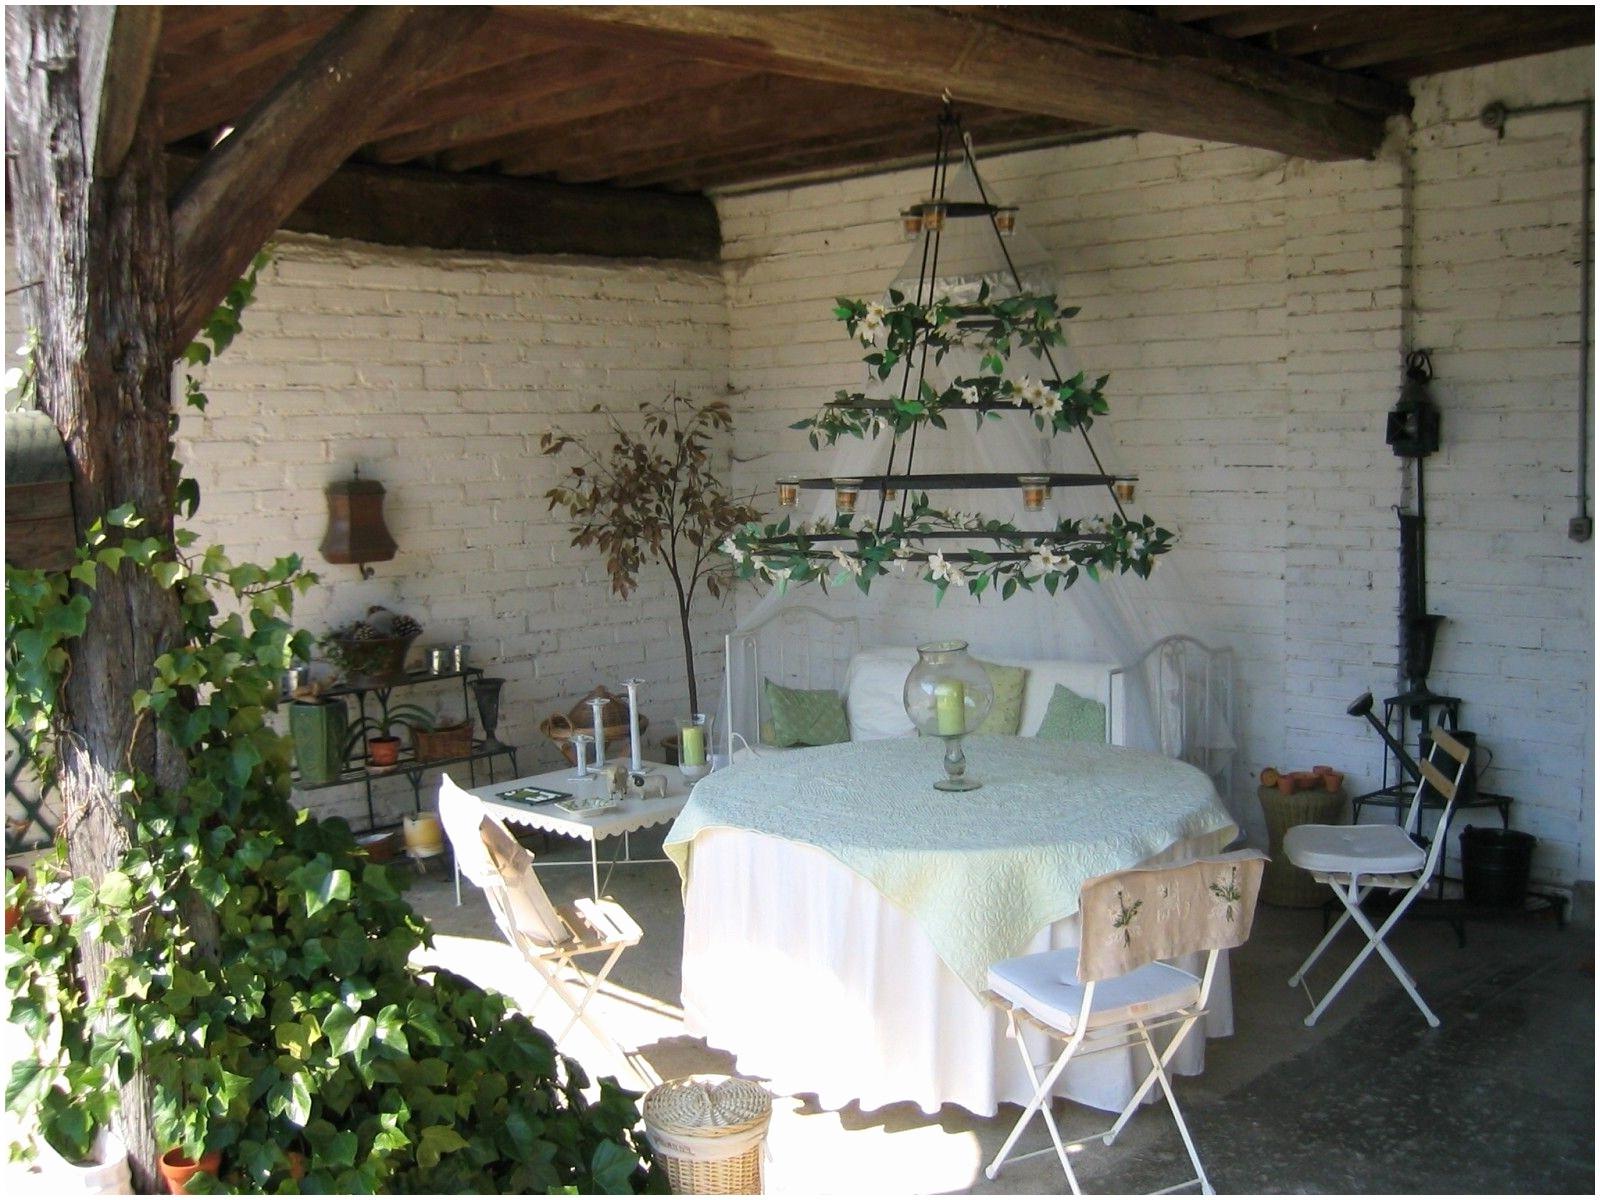 Logiciel Gratuit Paysagiste Impressionnant Photos Amenagement Arriere Cuisine Nouveau Logiciel Paysagiste Gratuit Luxe